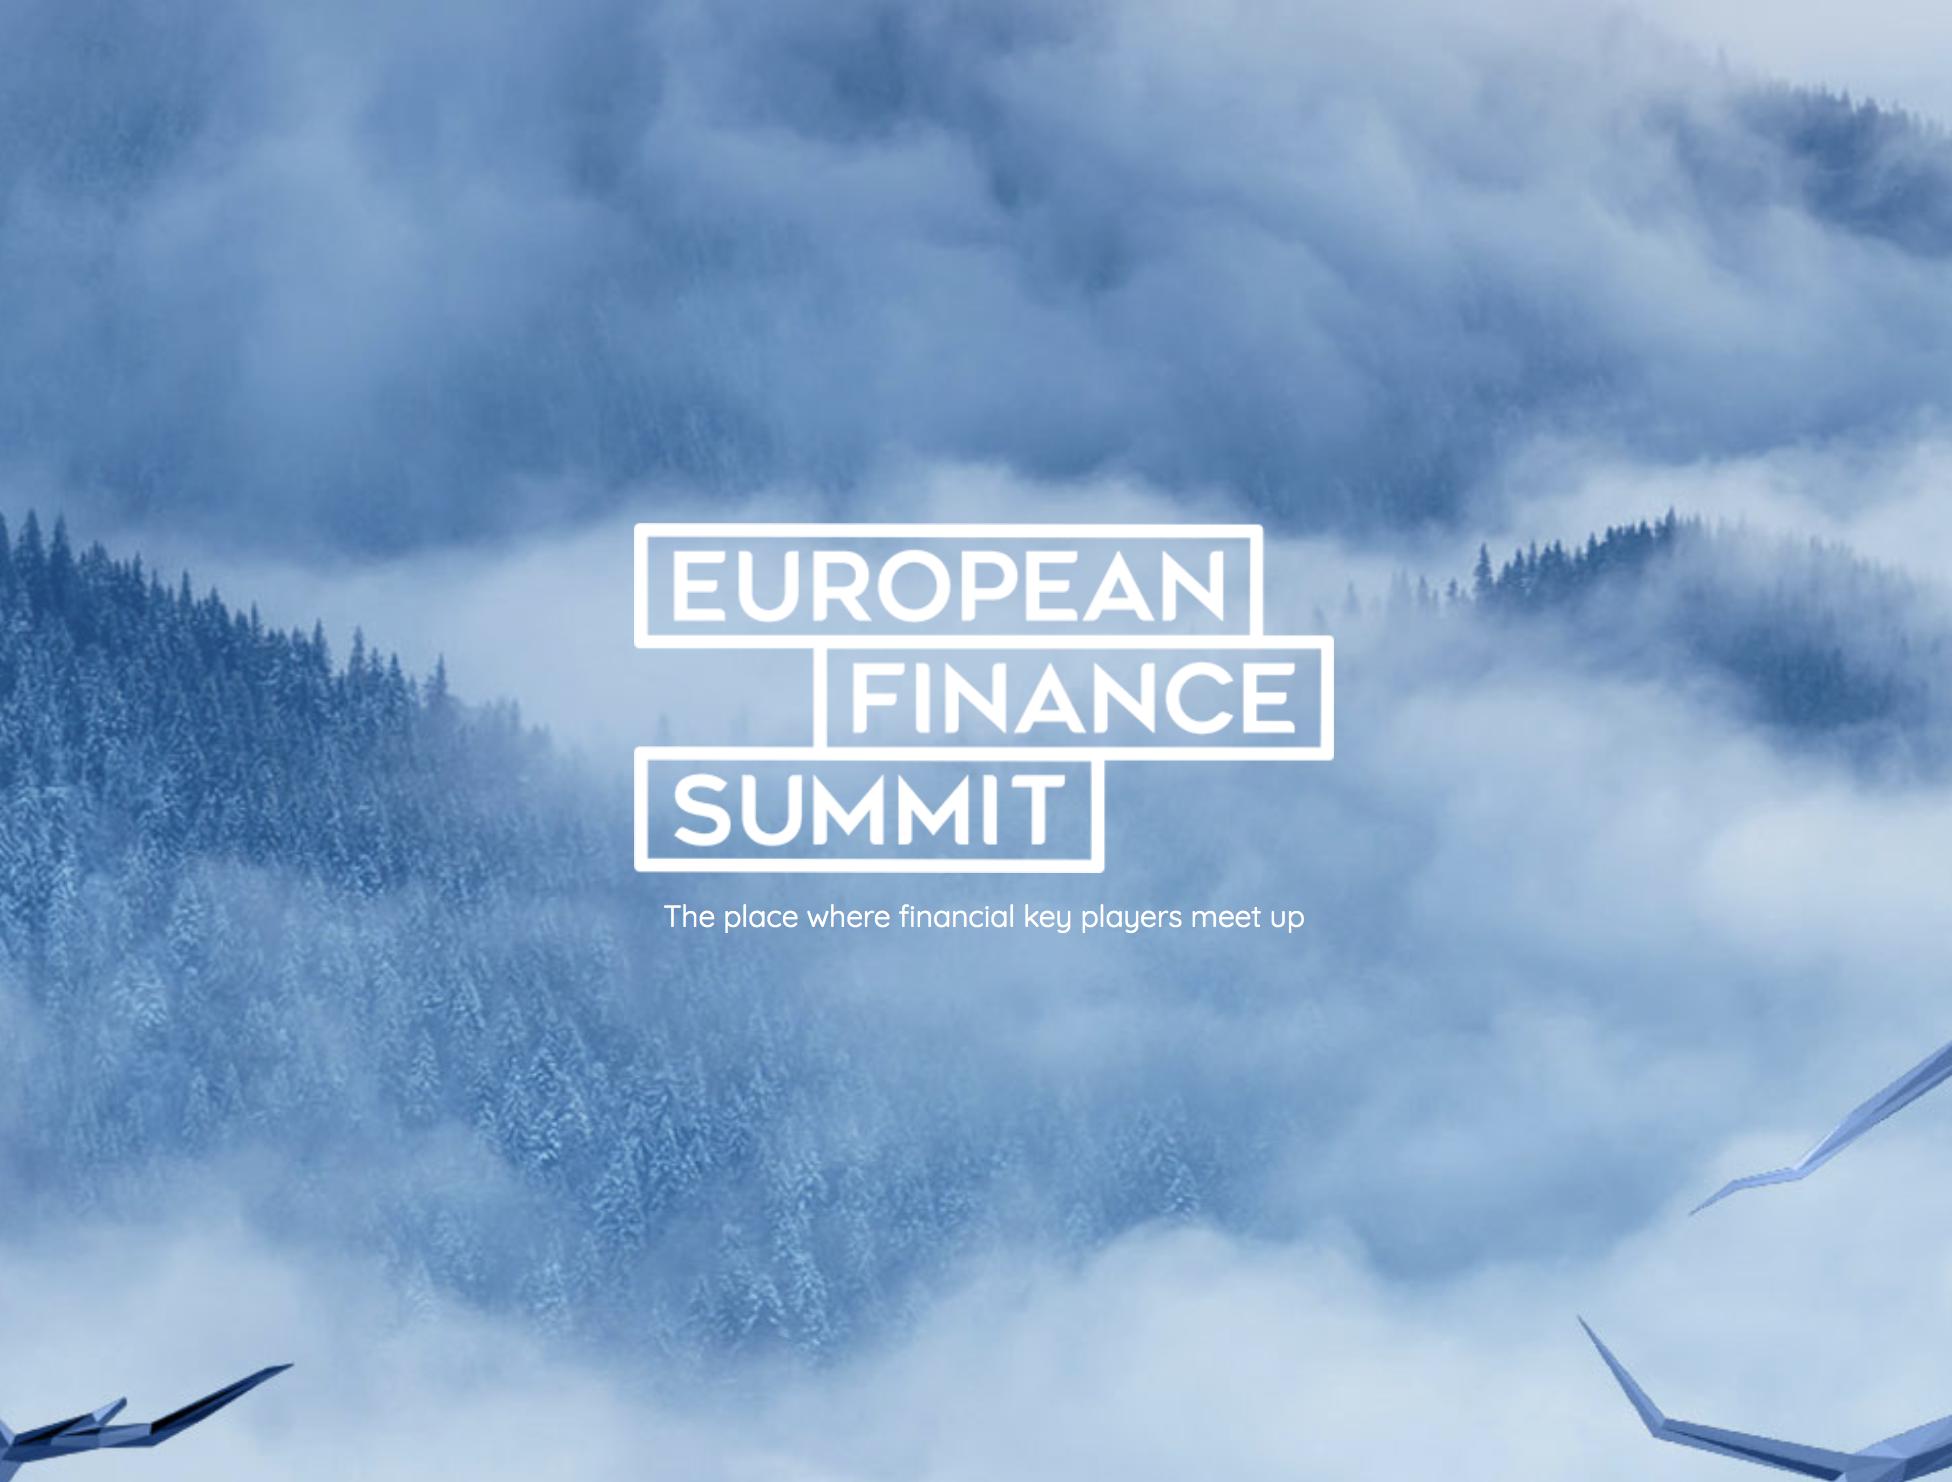 European Finance Summit 2020